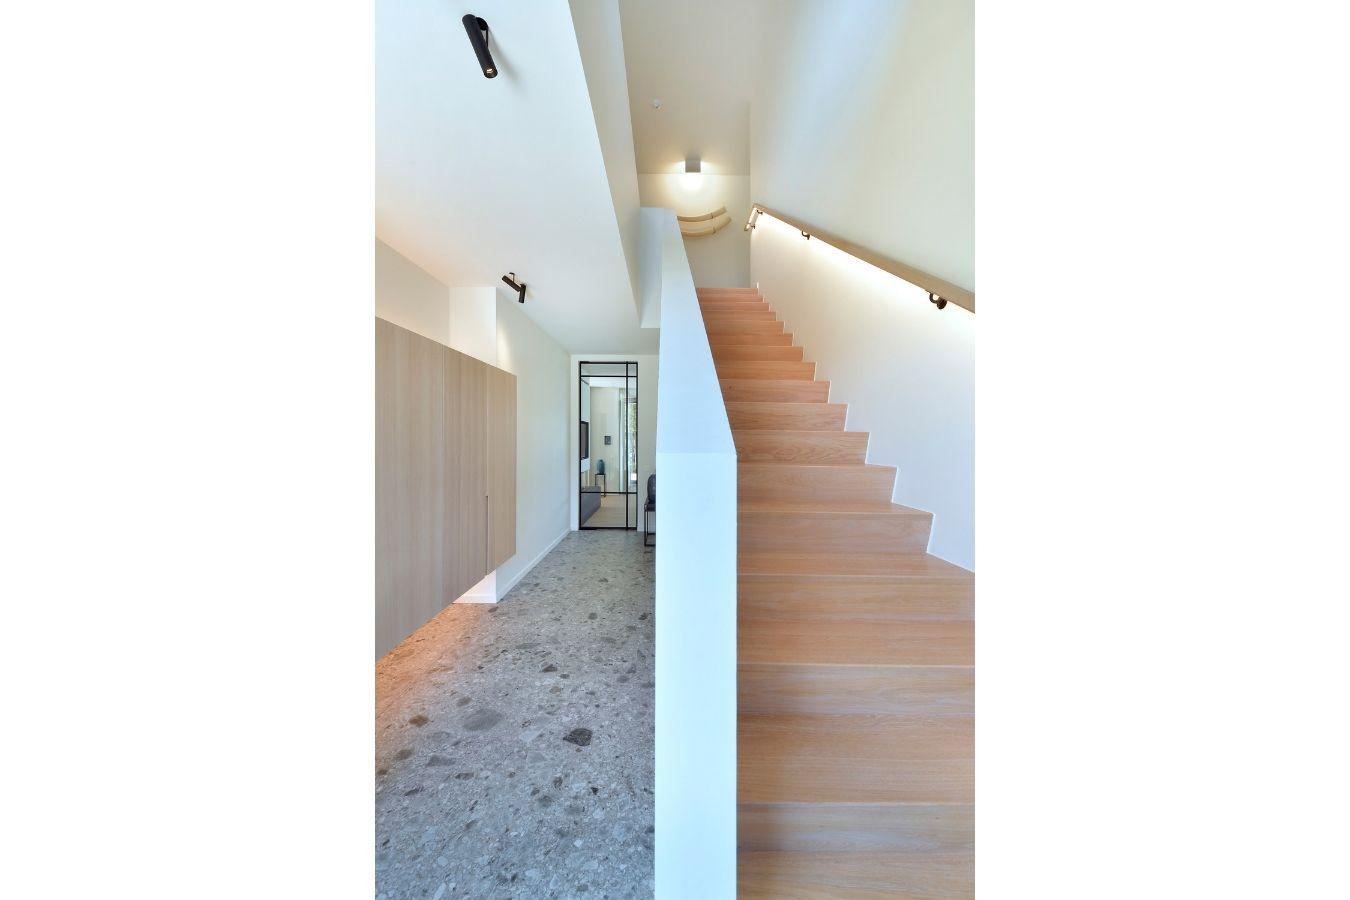 pivotdeur in luxe villa, stalen deur, project Turnhout, stalen deuren gerealiseerd door StalenDeurenHuys